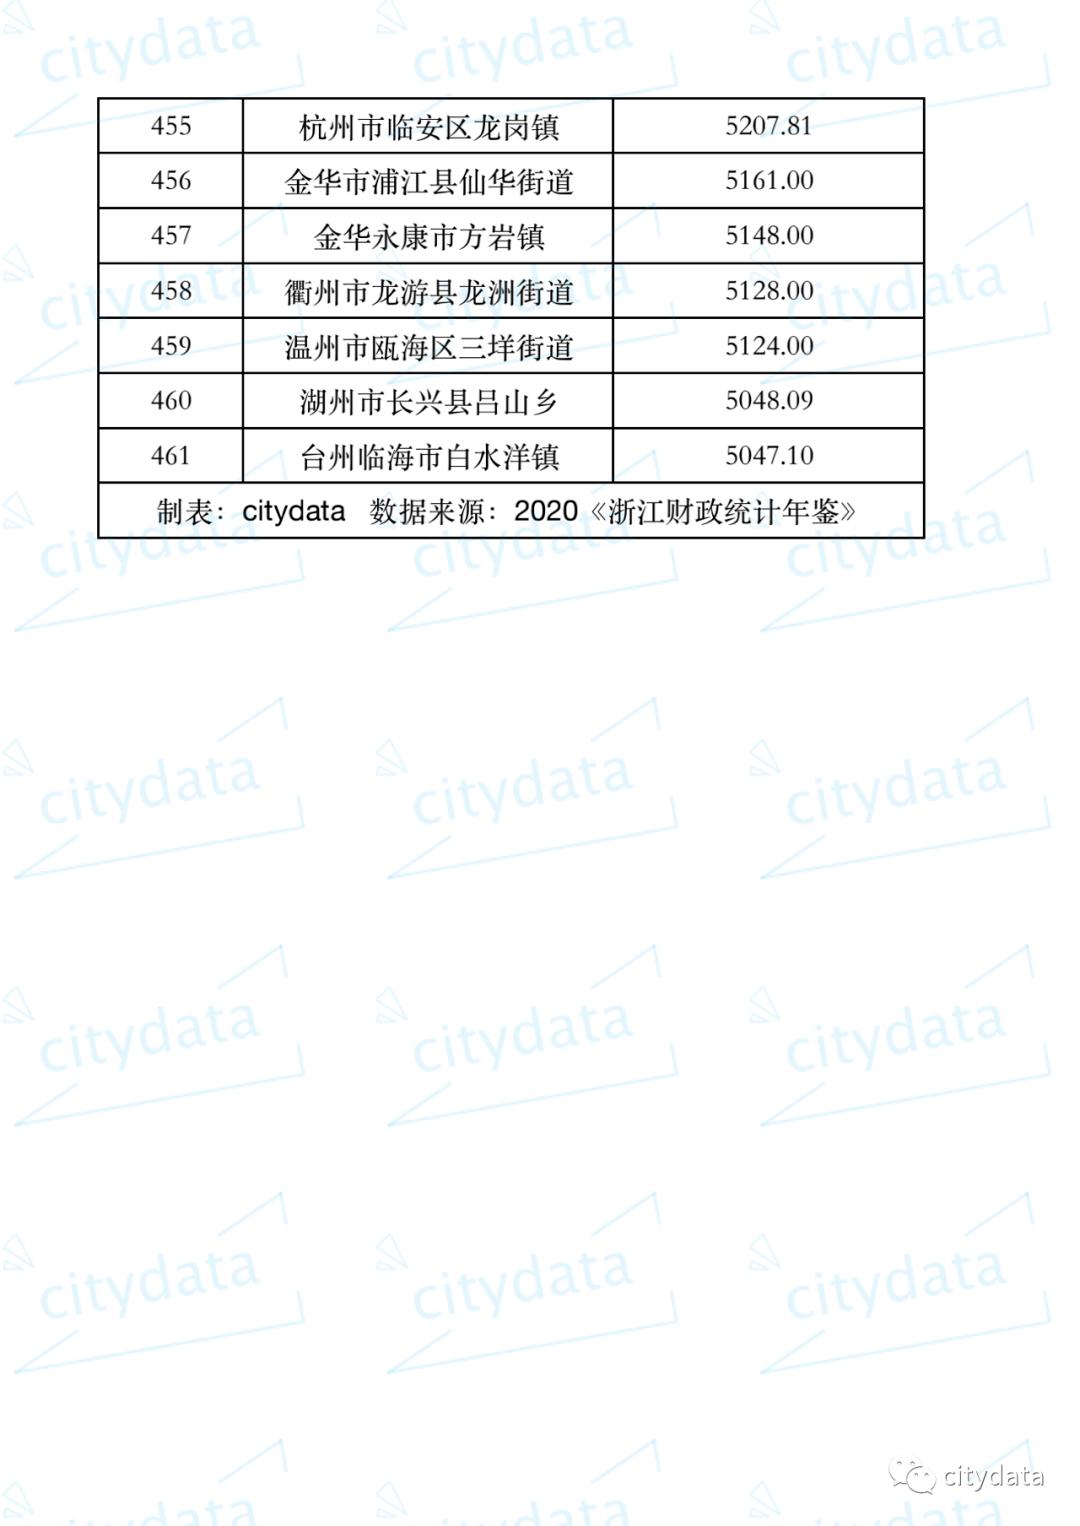 横店镇gdp排名_浙江城镇人均GDP超40000的镇,享有 磁都 之称,距杭州180公里